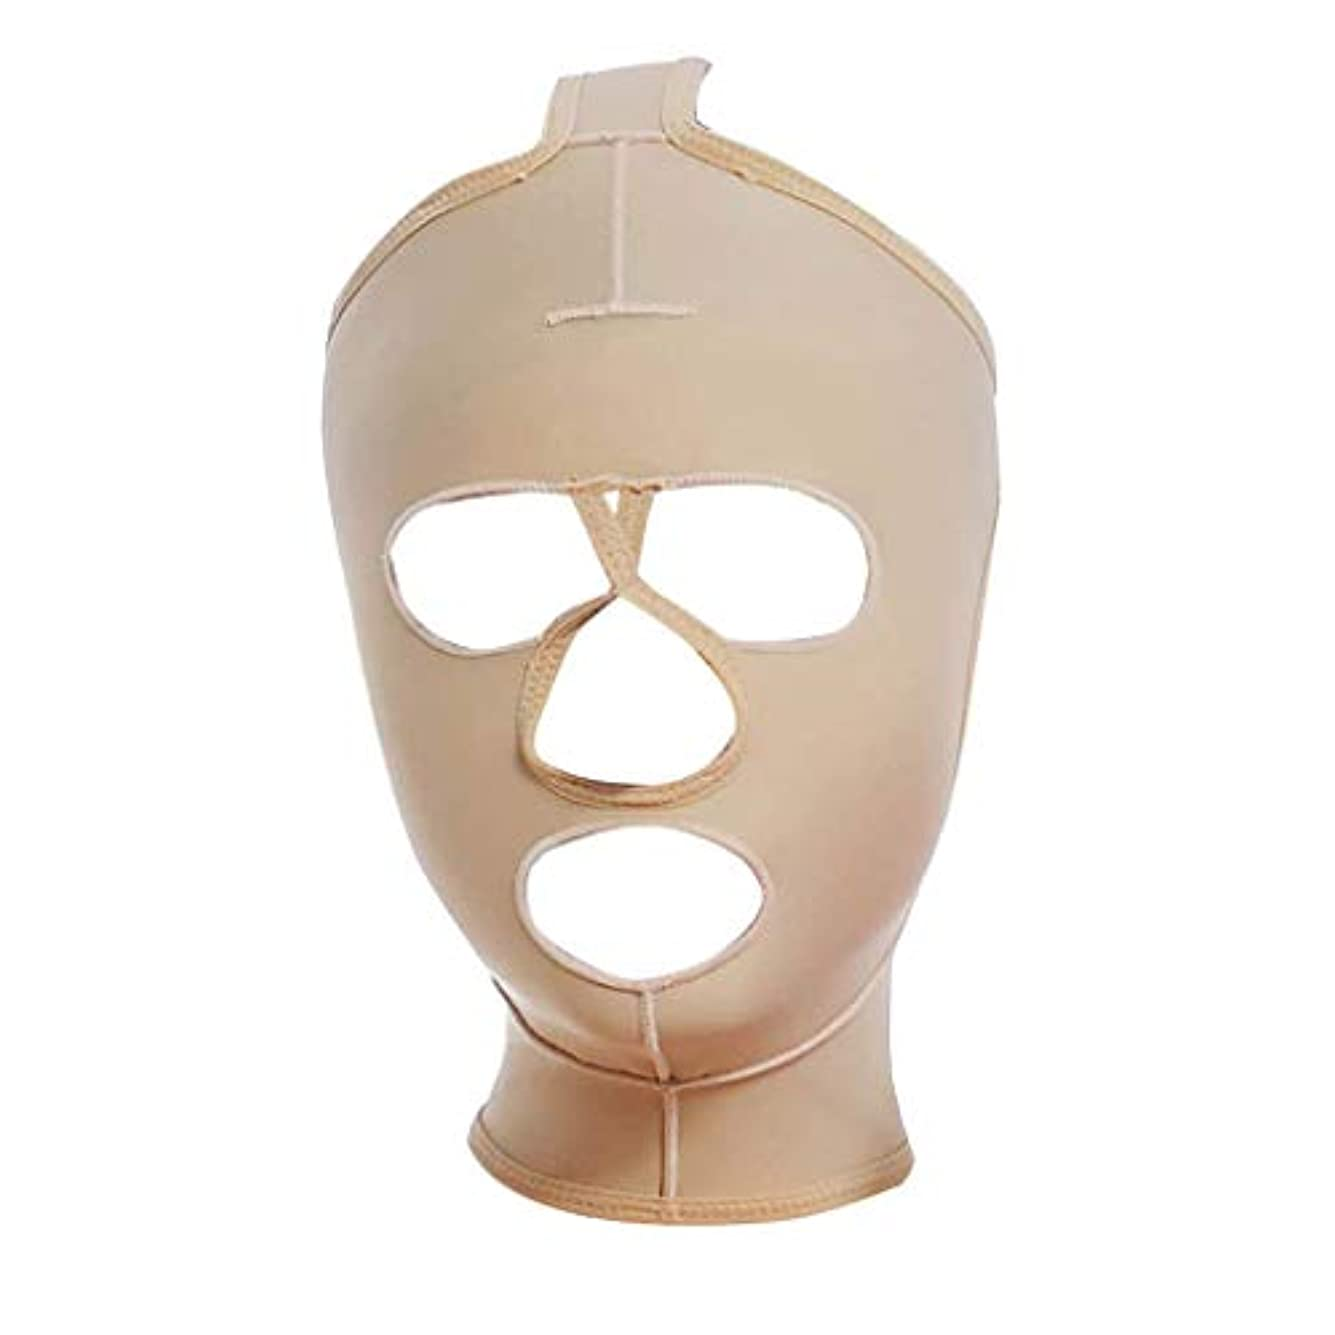 かすかな方向刈り取るフェイス&ネックリフト、減量フェイスマスク脂肪吸引術脂肪吸引術整形マスクフードフェイスリフティングアーティファクトVフェイスビームフェイス弾性スリーブ(サイズ:XXL),Xl